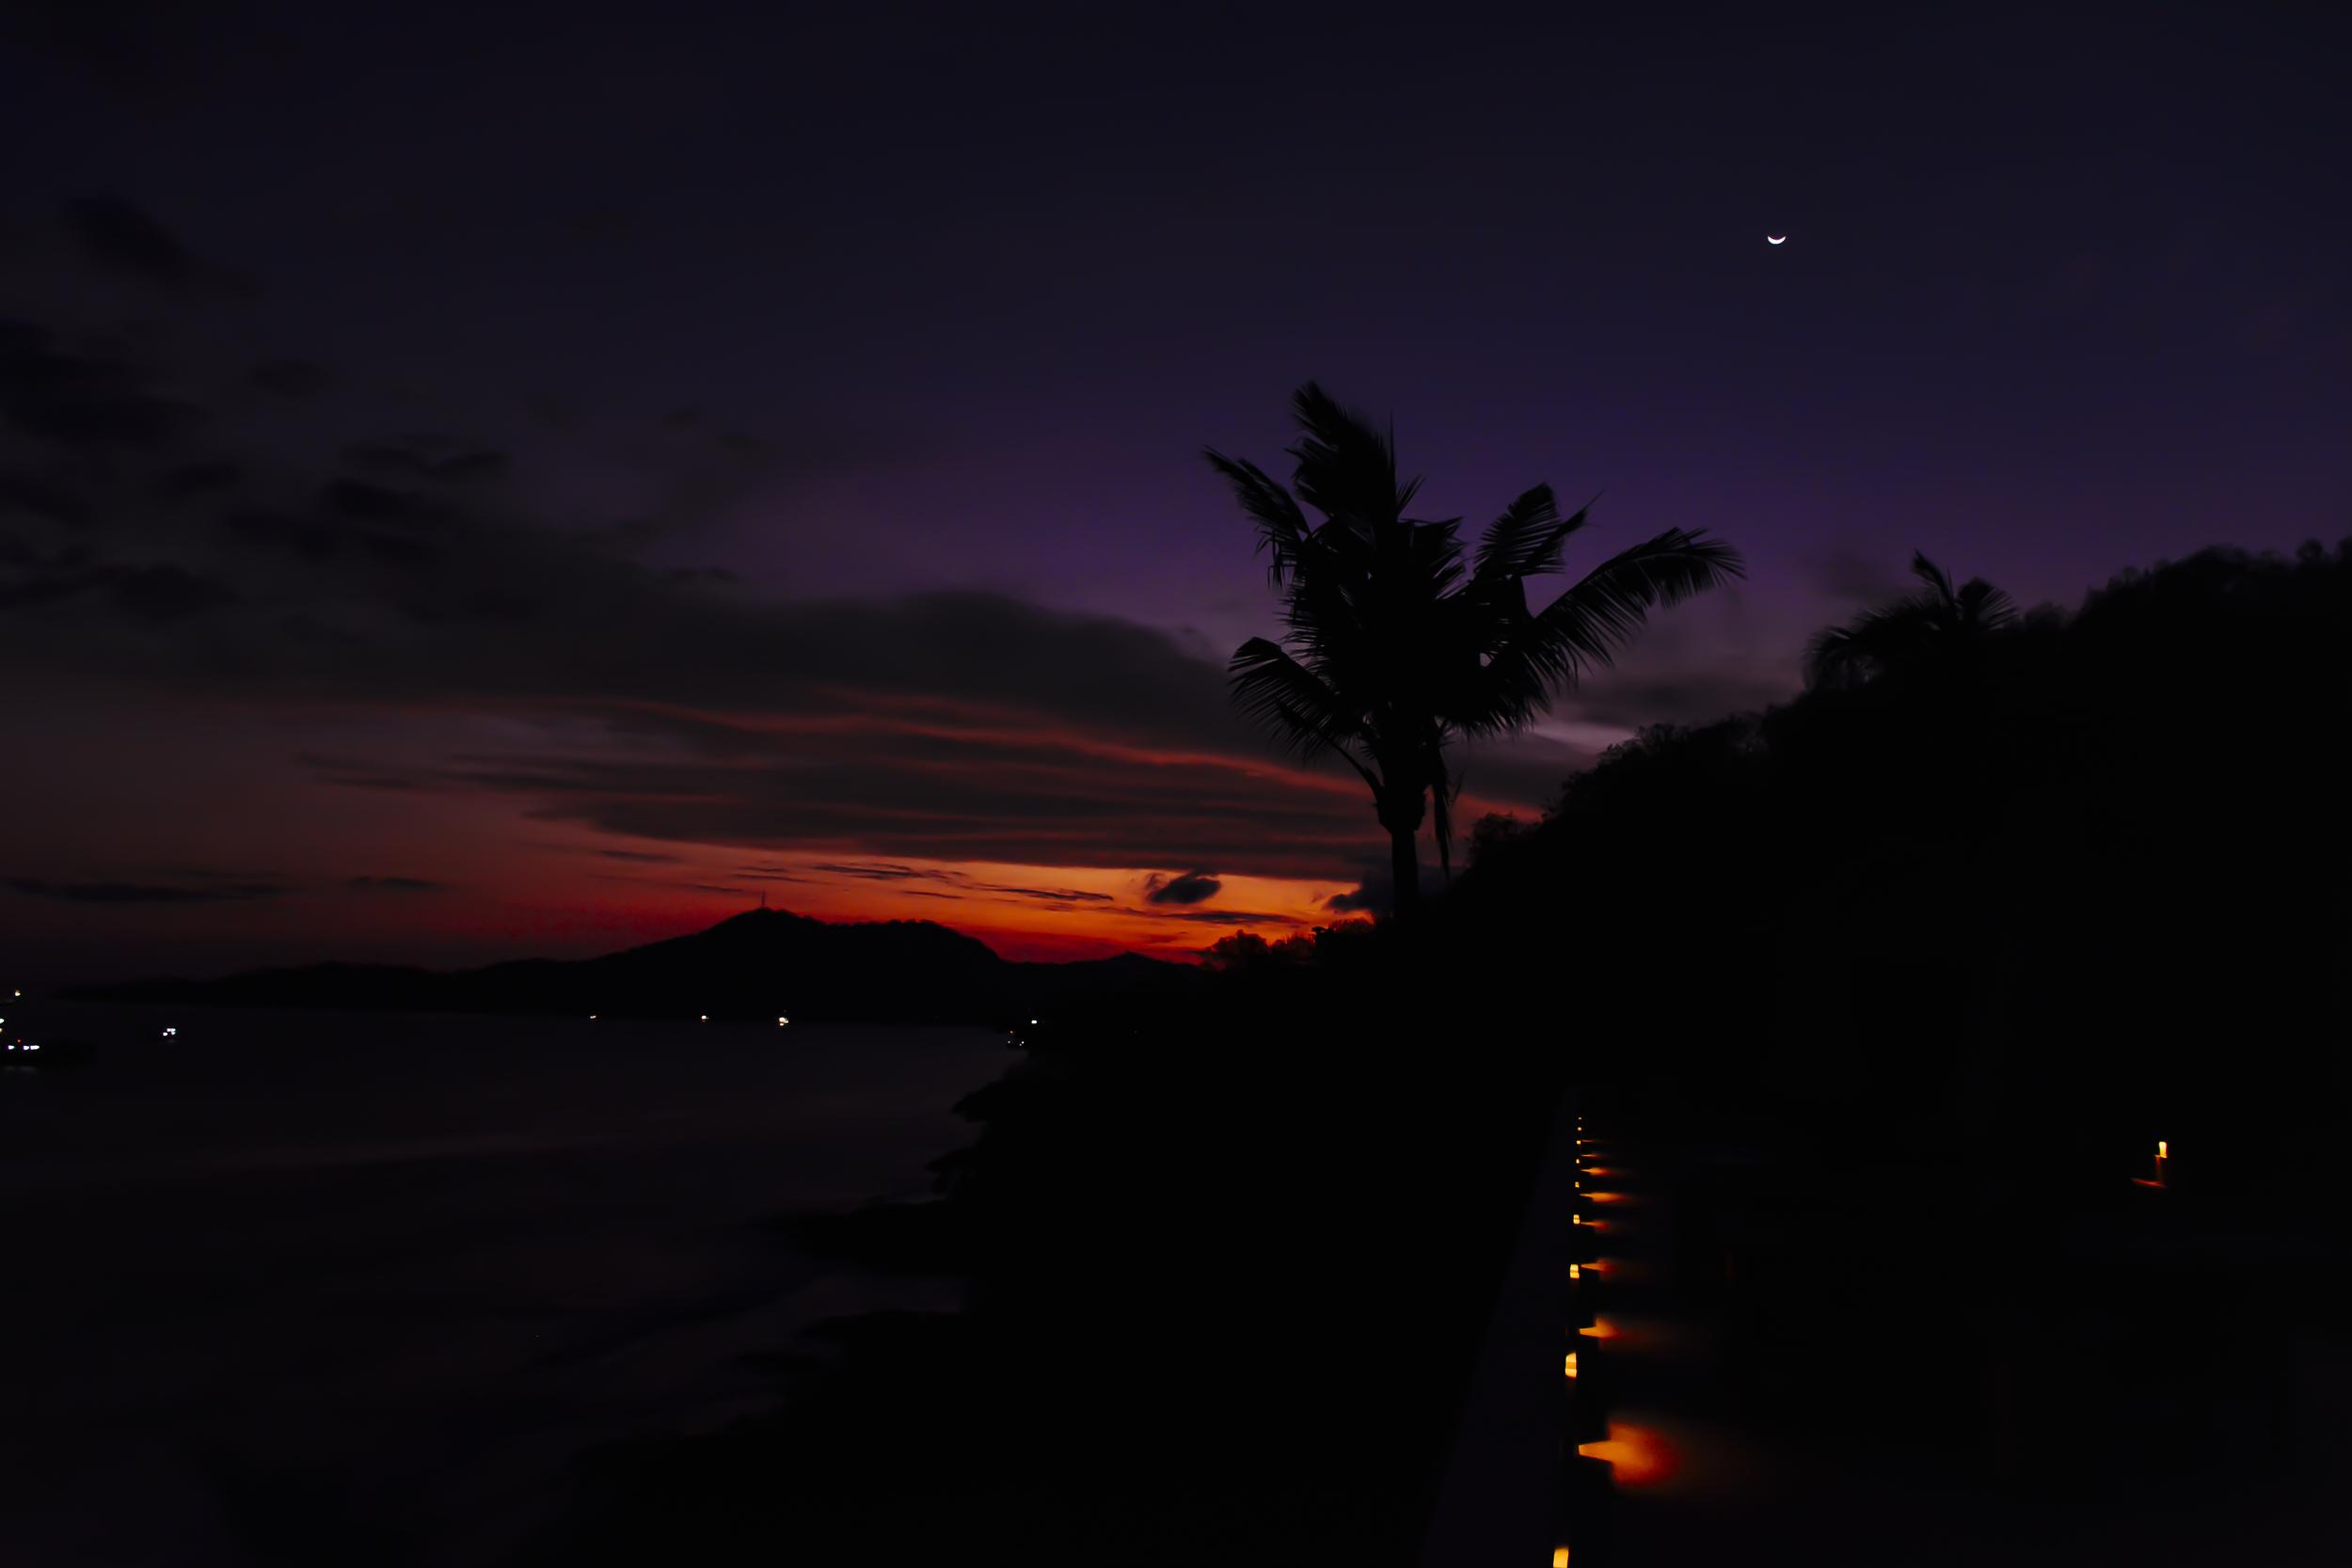 Bali Pt. 2